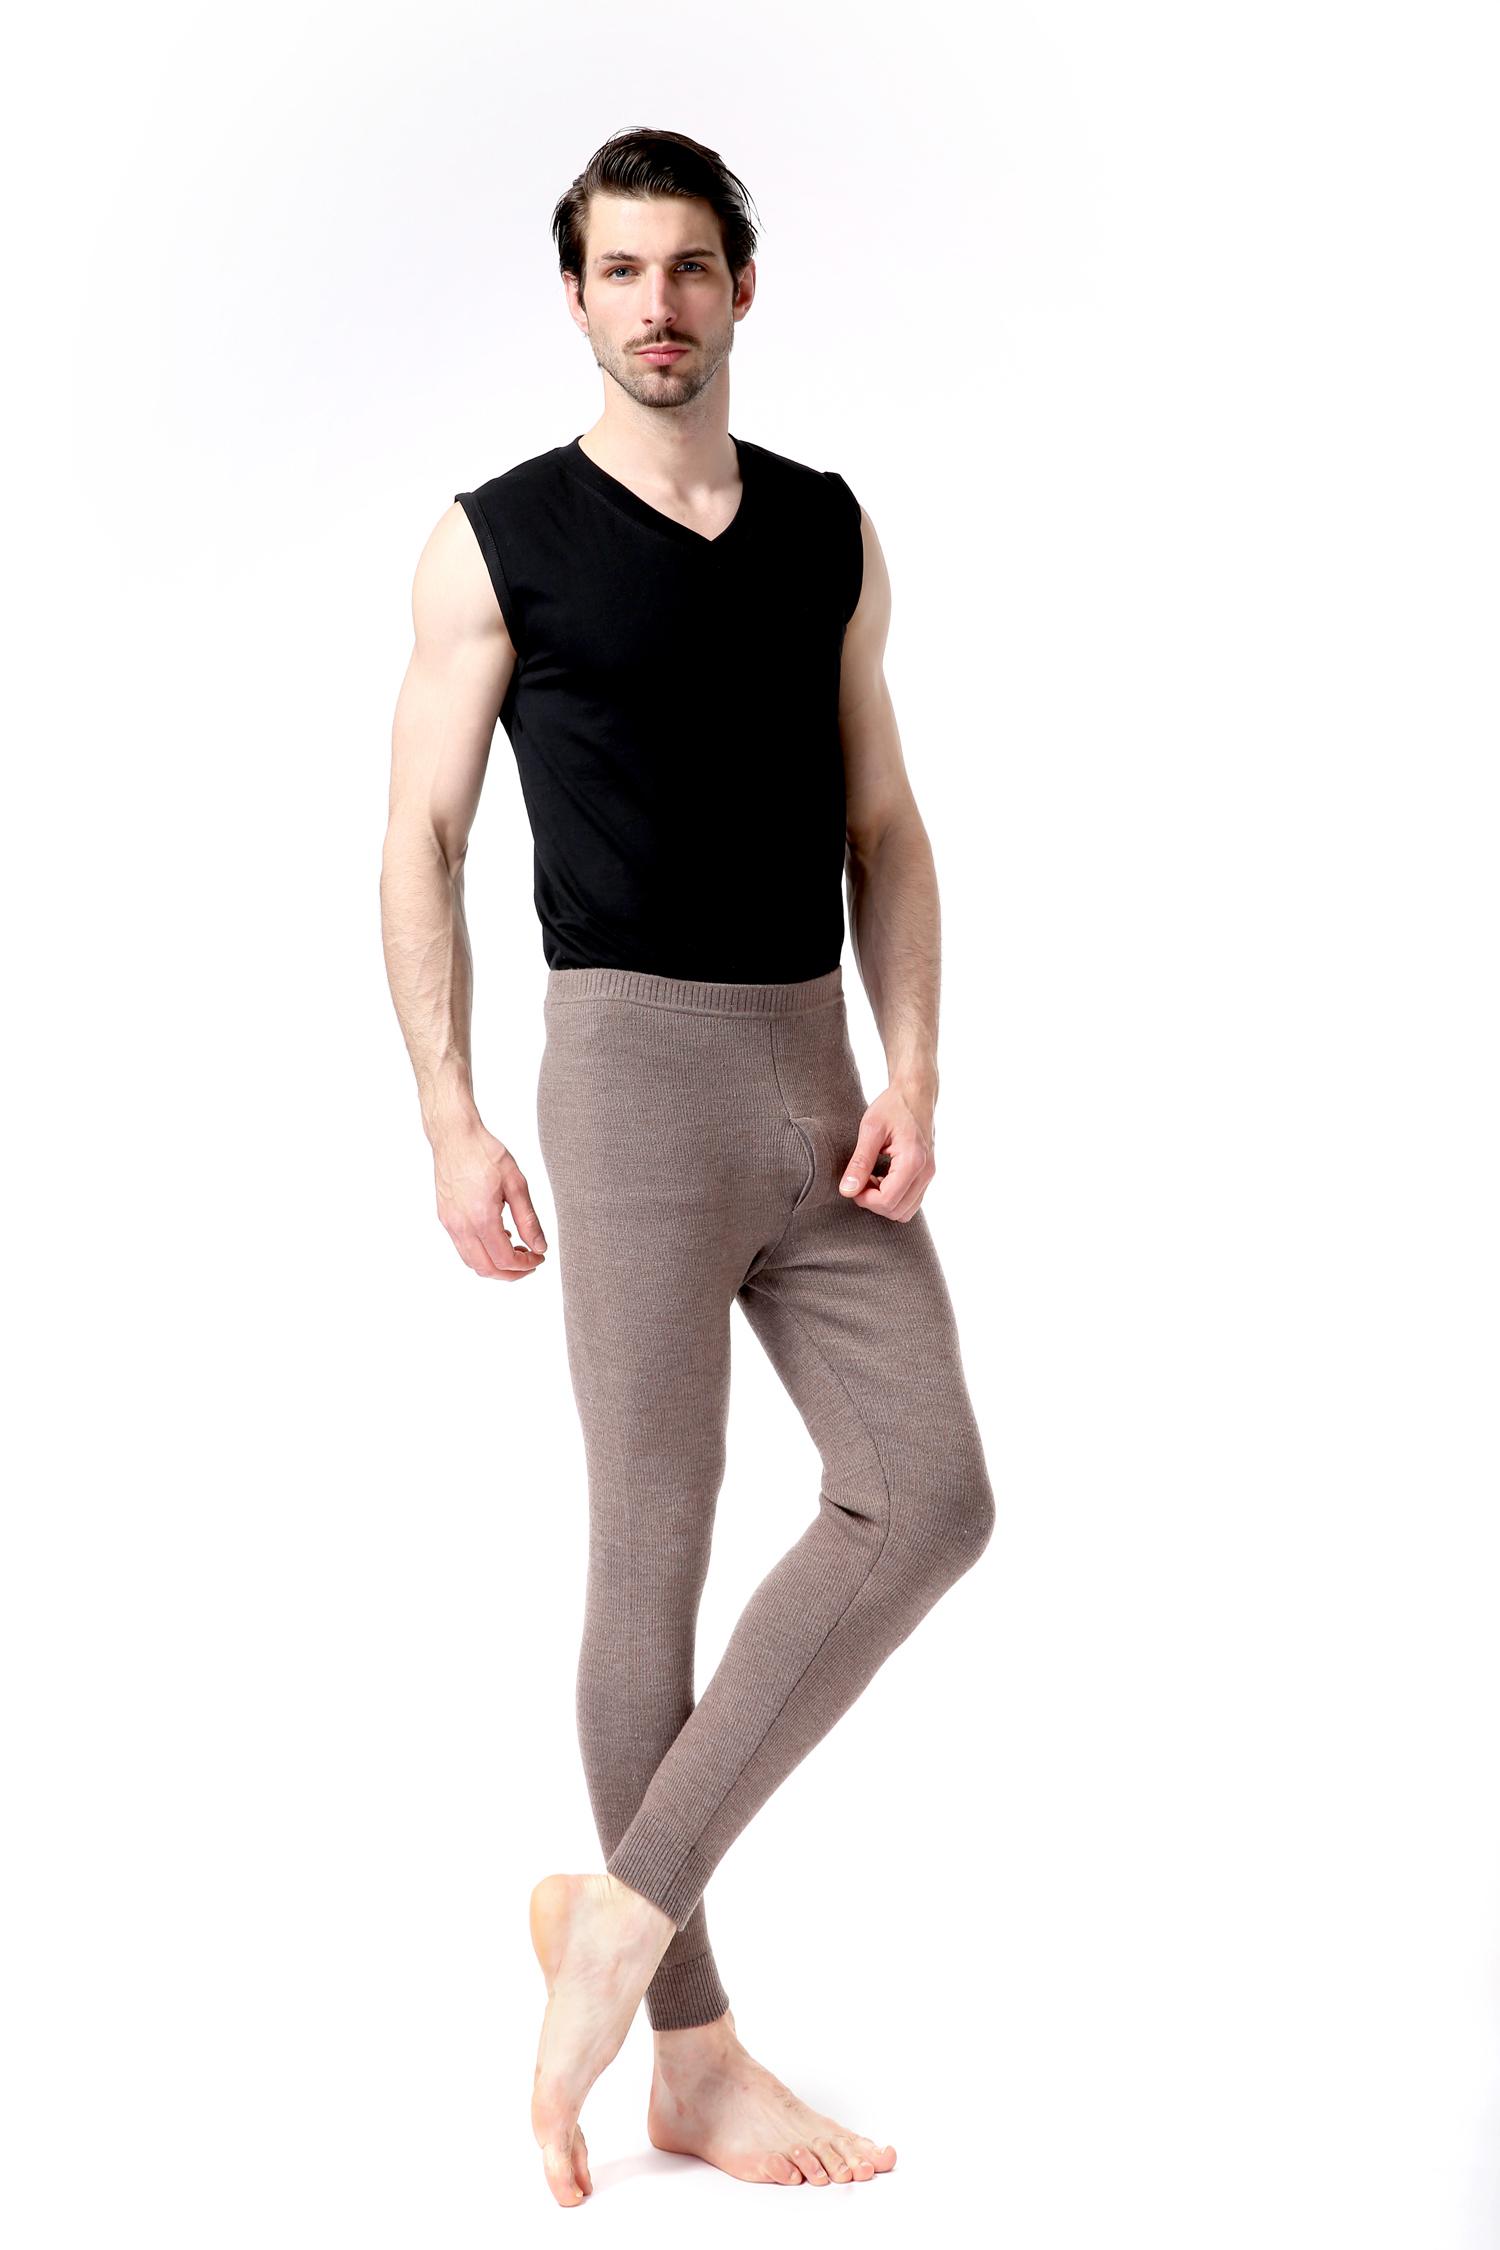 个性男士打底绒裤|想买廉价都兰诺斯澳毛男抽条裤,就到中昊绒业